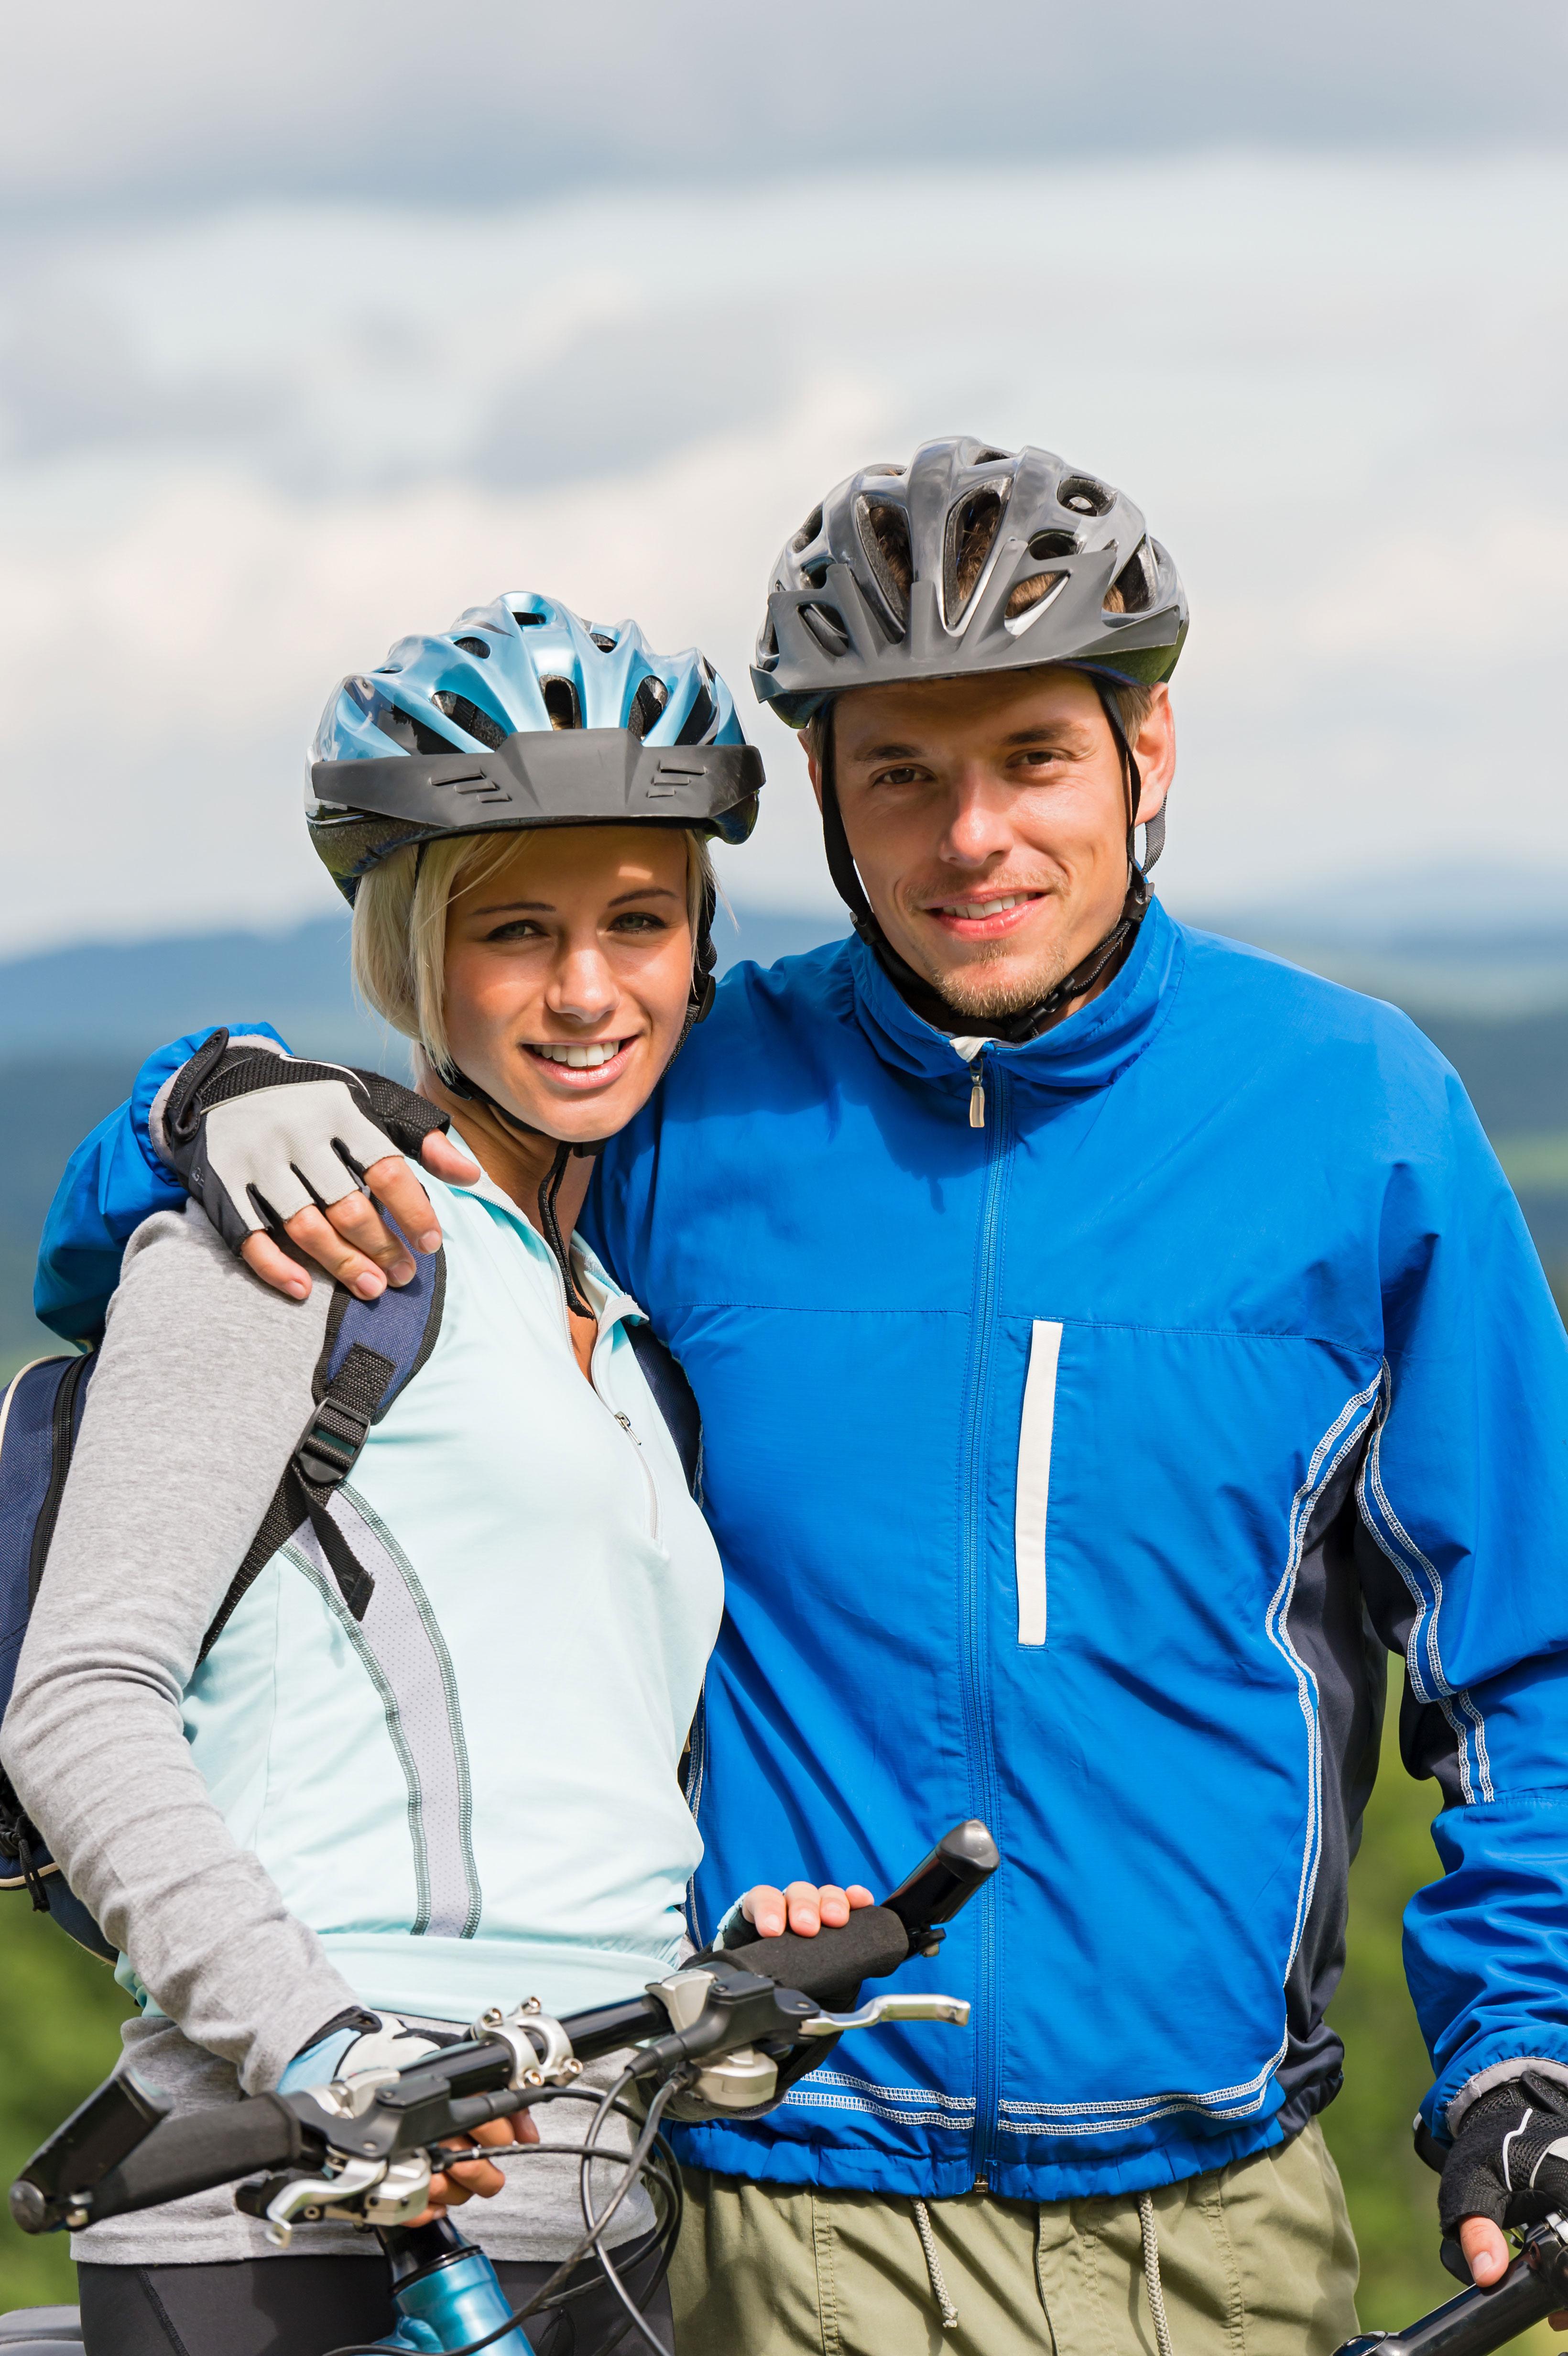 יוצאים לדייט הרפתקני ביחד (צ'- Sutterstock)